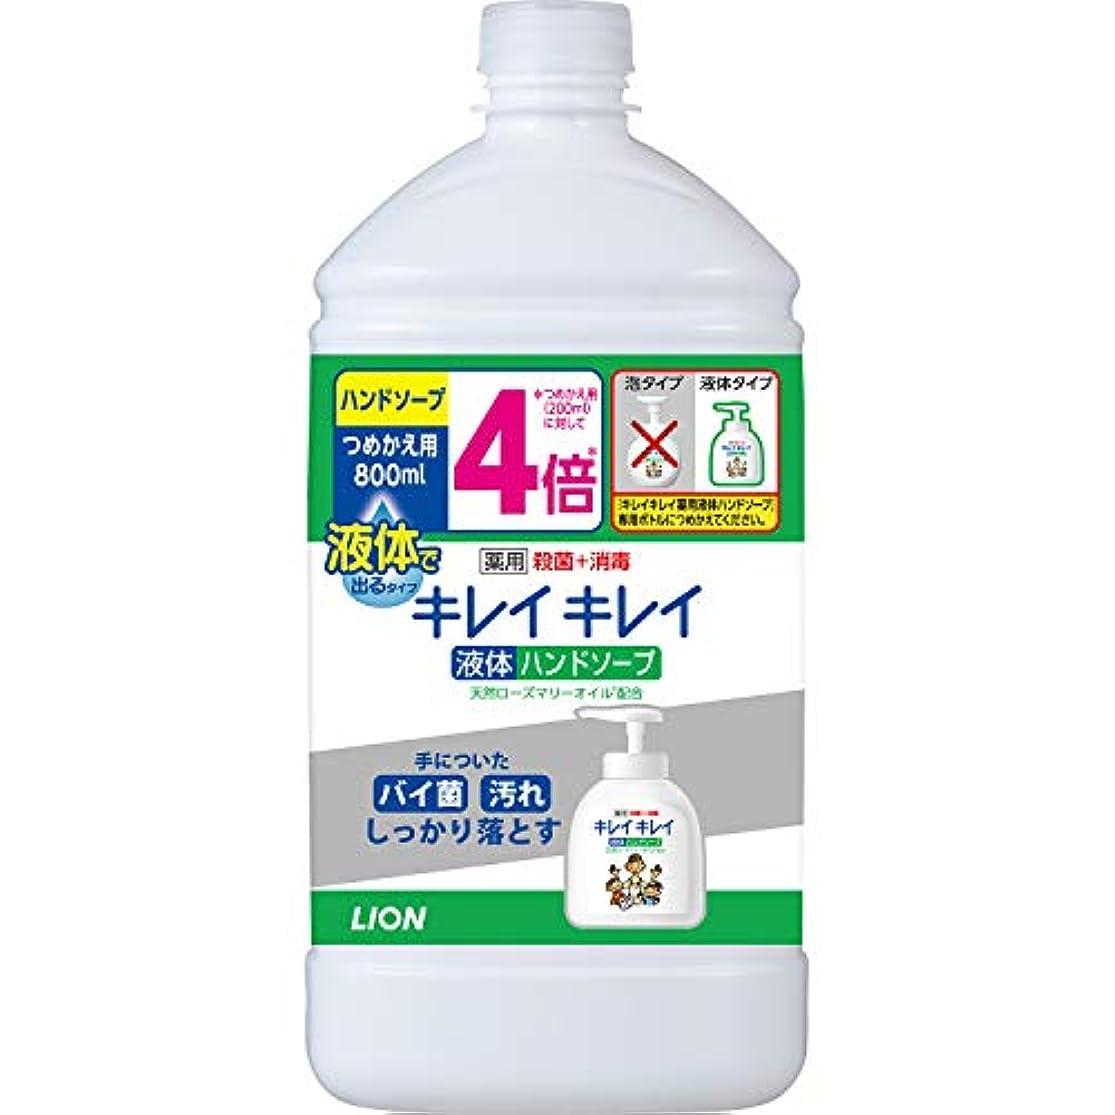 世界ほとんどないアラブ(医薬部外品)【大容量】キレイキレイ 薬用 液体ハンドソープ 詰め替え 特大 800ml